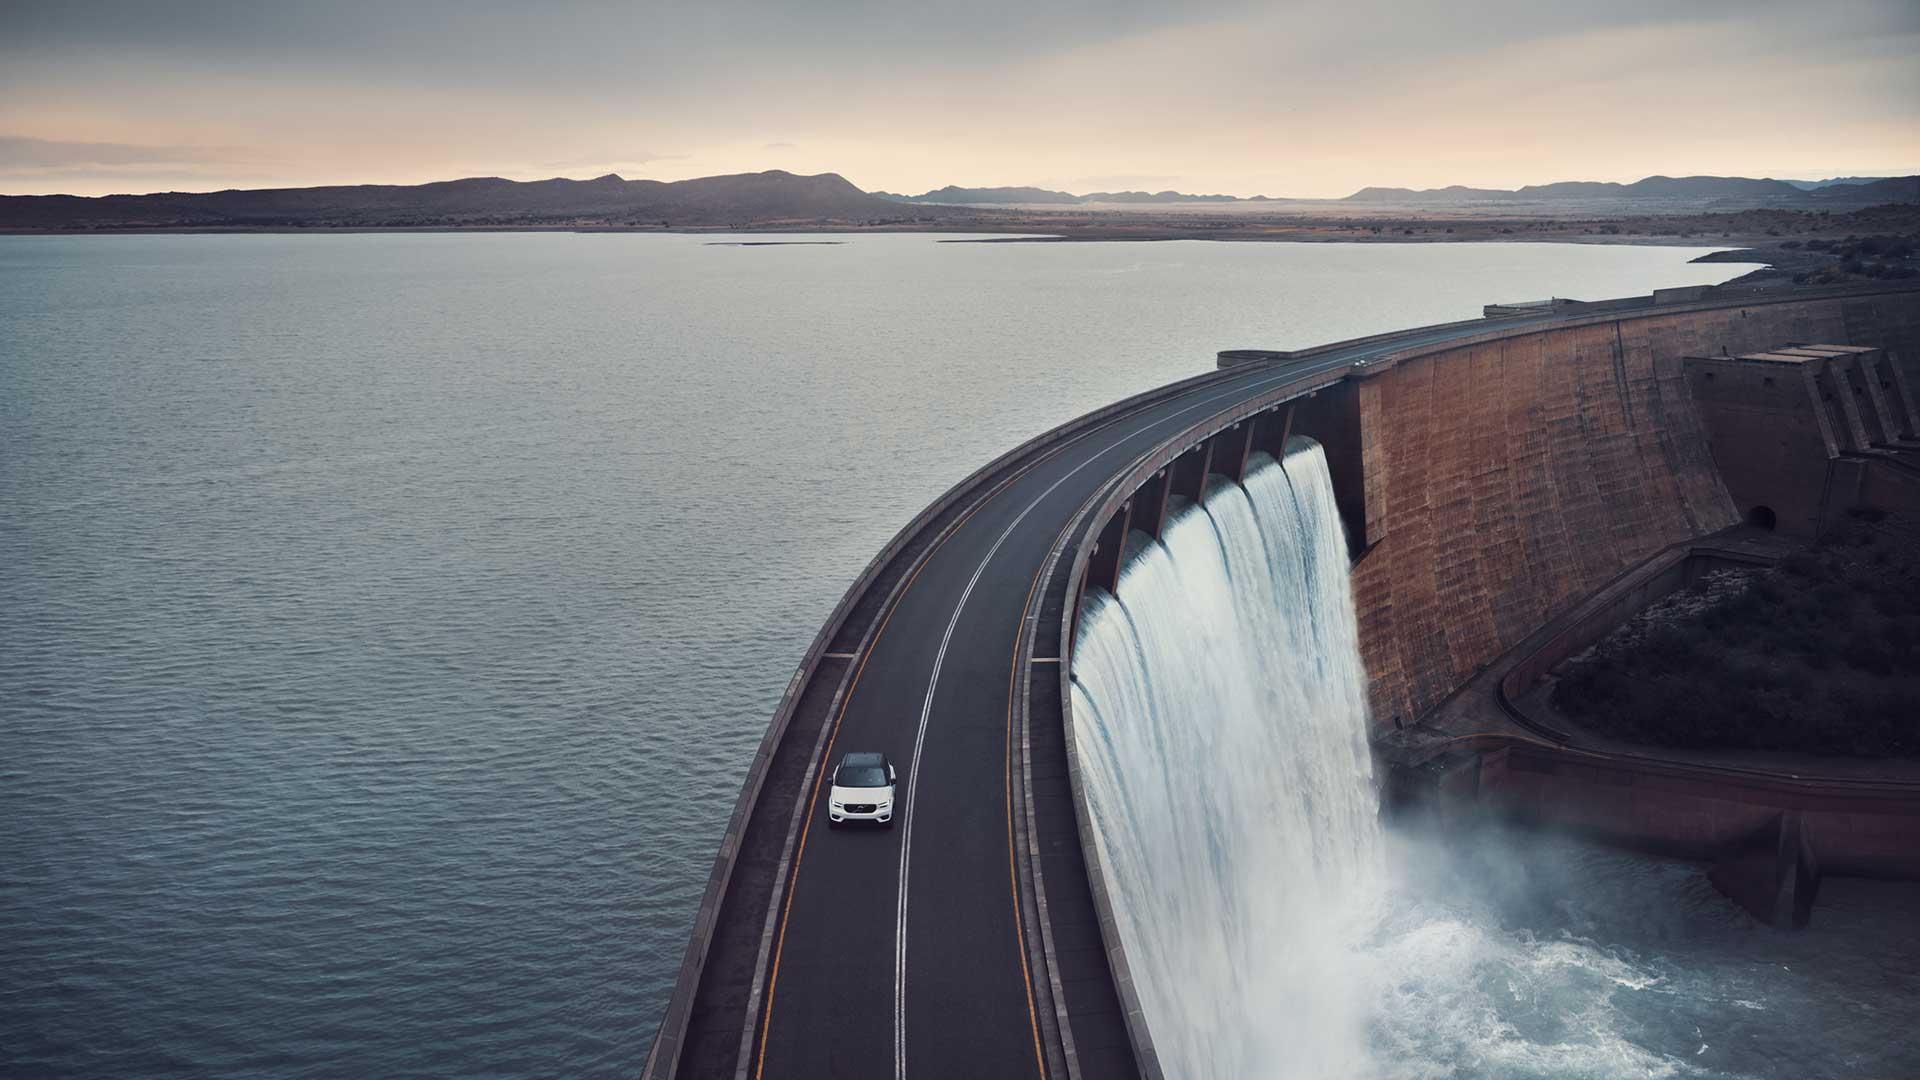 SUV Volvo roulant sur un pont surplombant un réservoir d'eau.